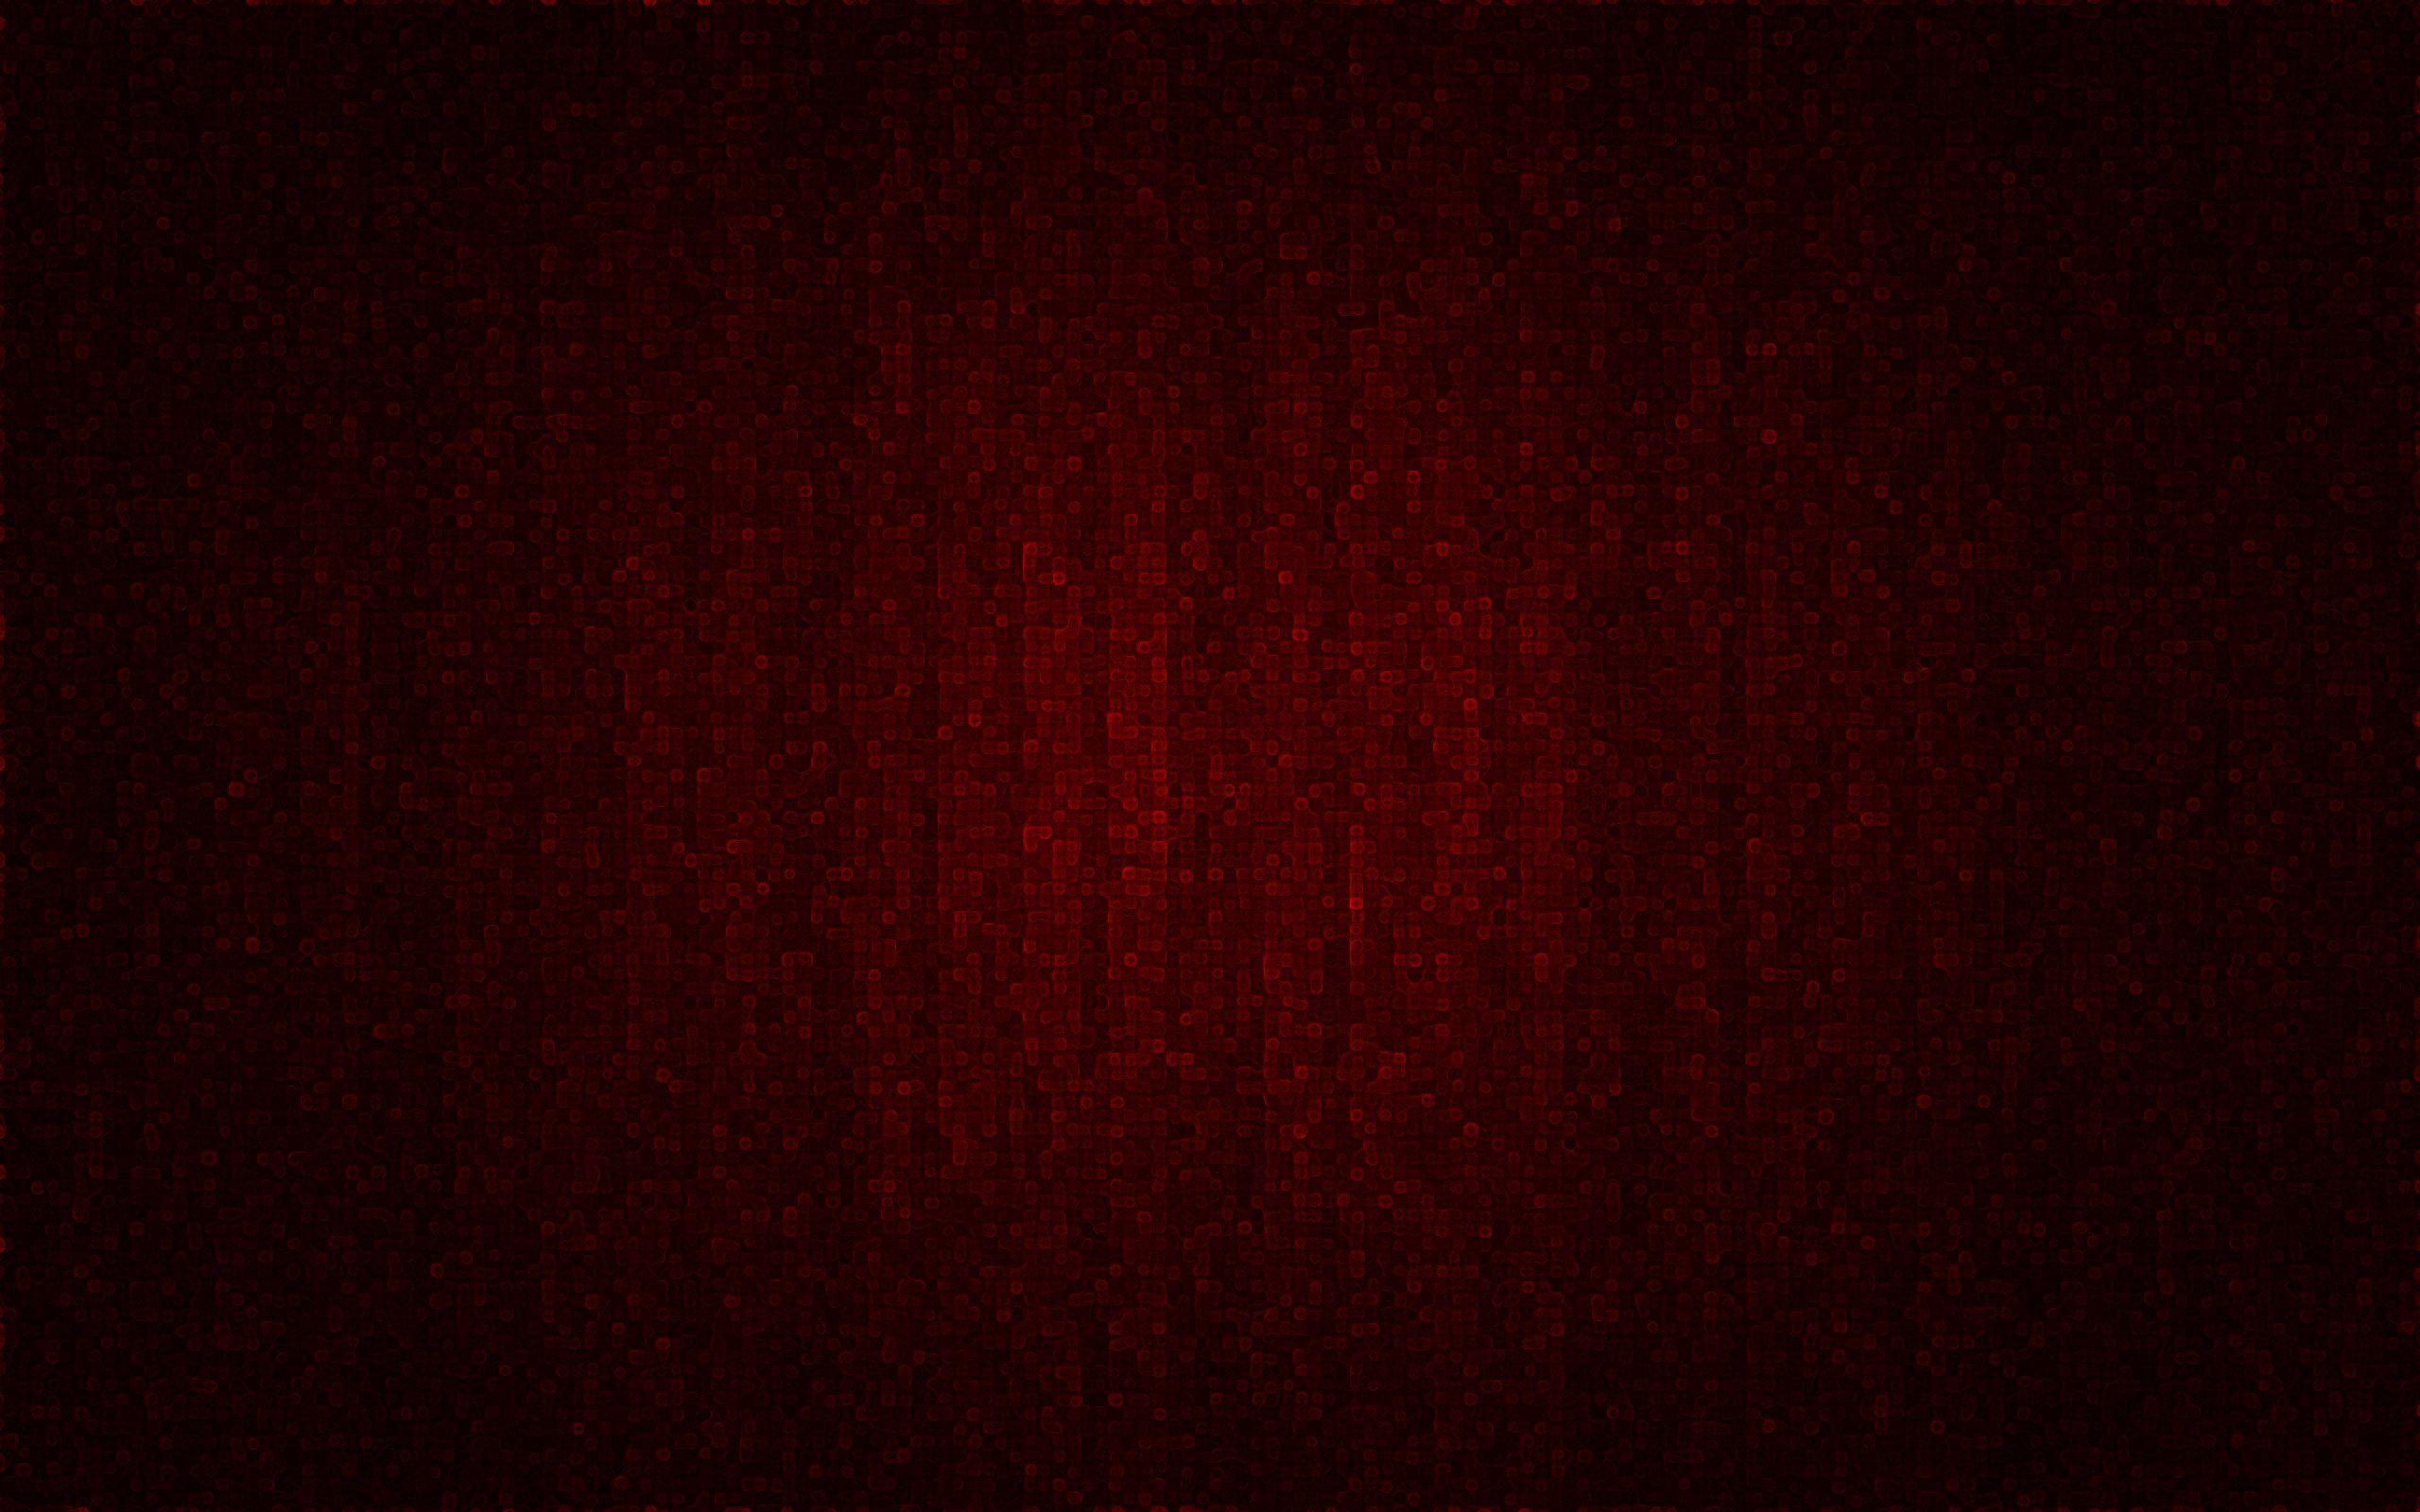 122705 скачать обои Текстуры, Пиксели, Фон, Тень, Свет, Яркий - заставки и картинки бесплатно